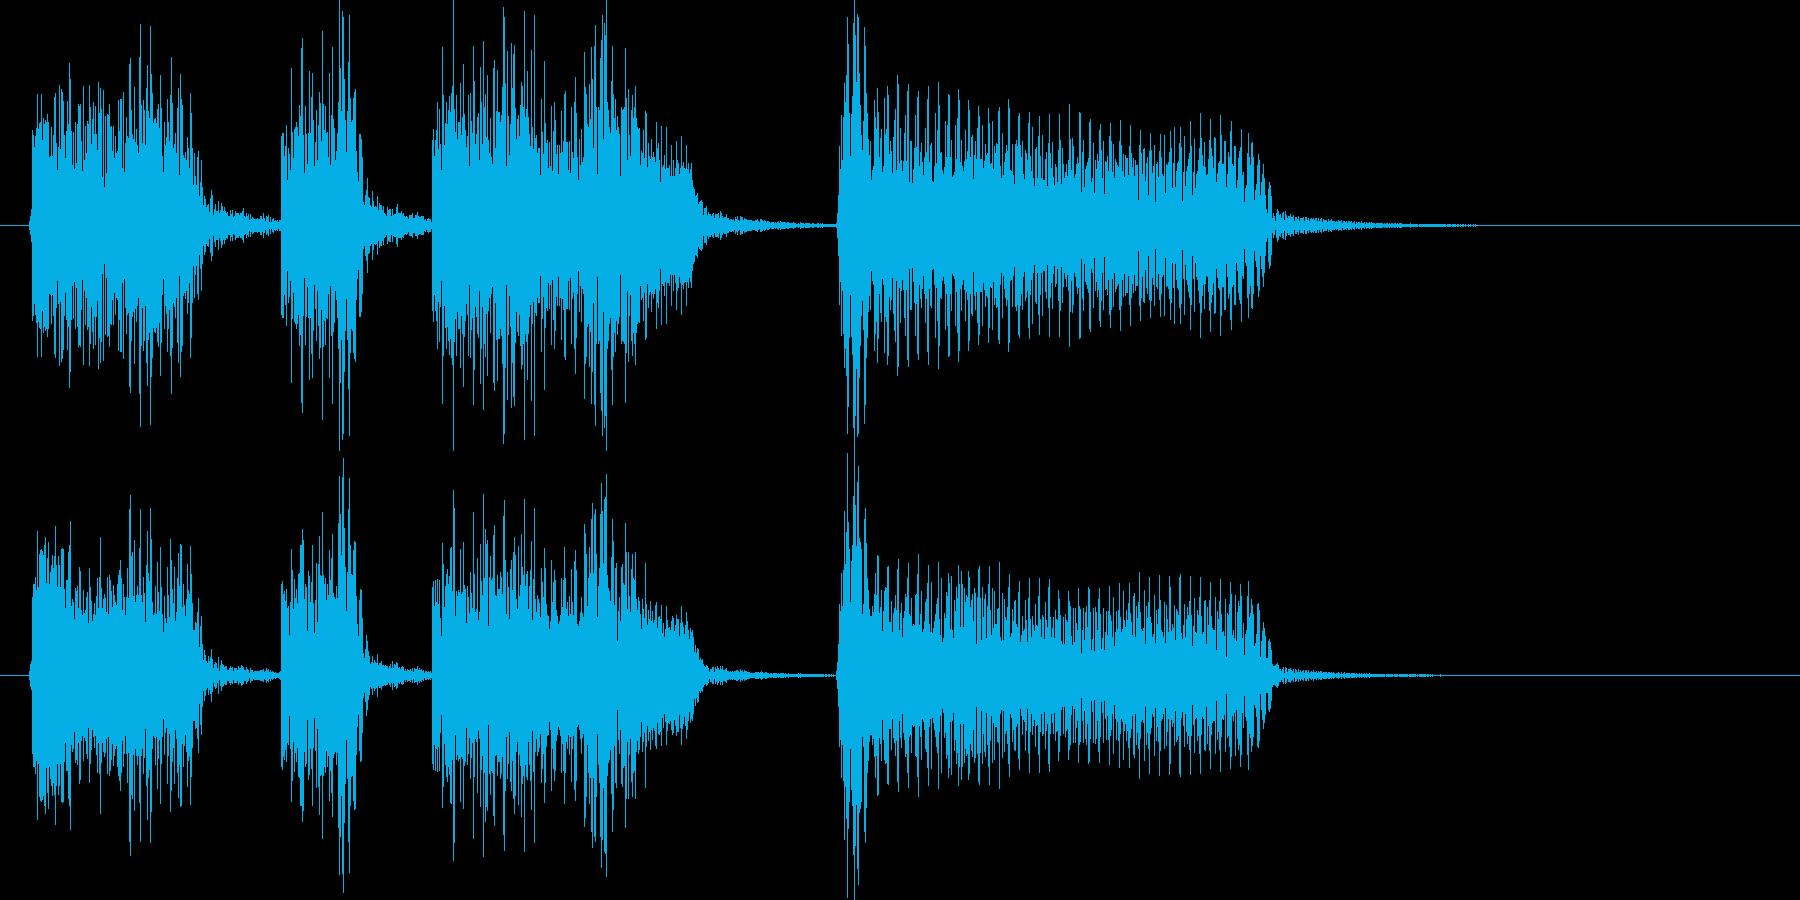 サックスピアノ陽気にダンスファンクの再生済みの波形